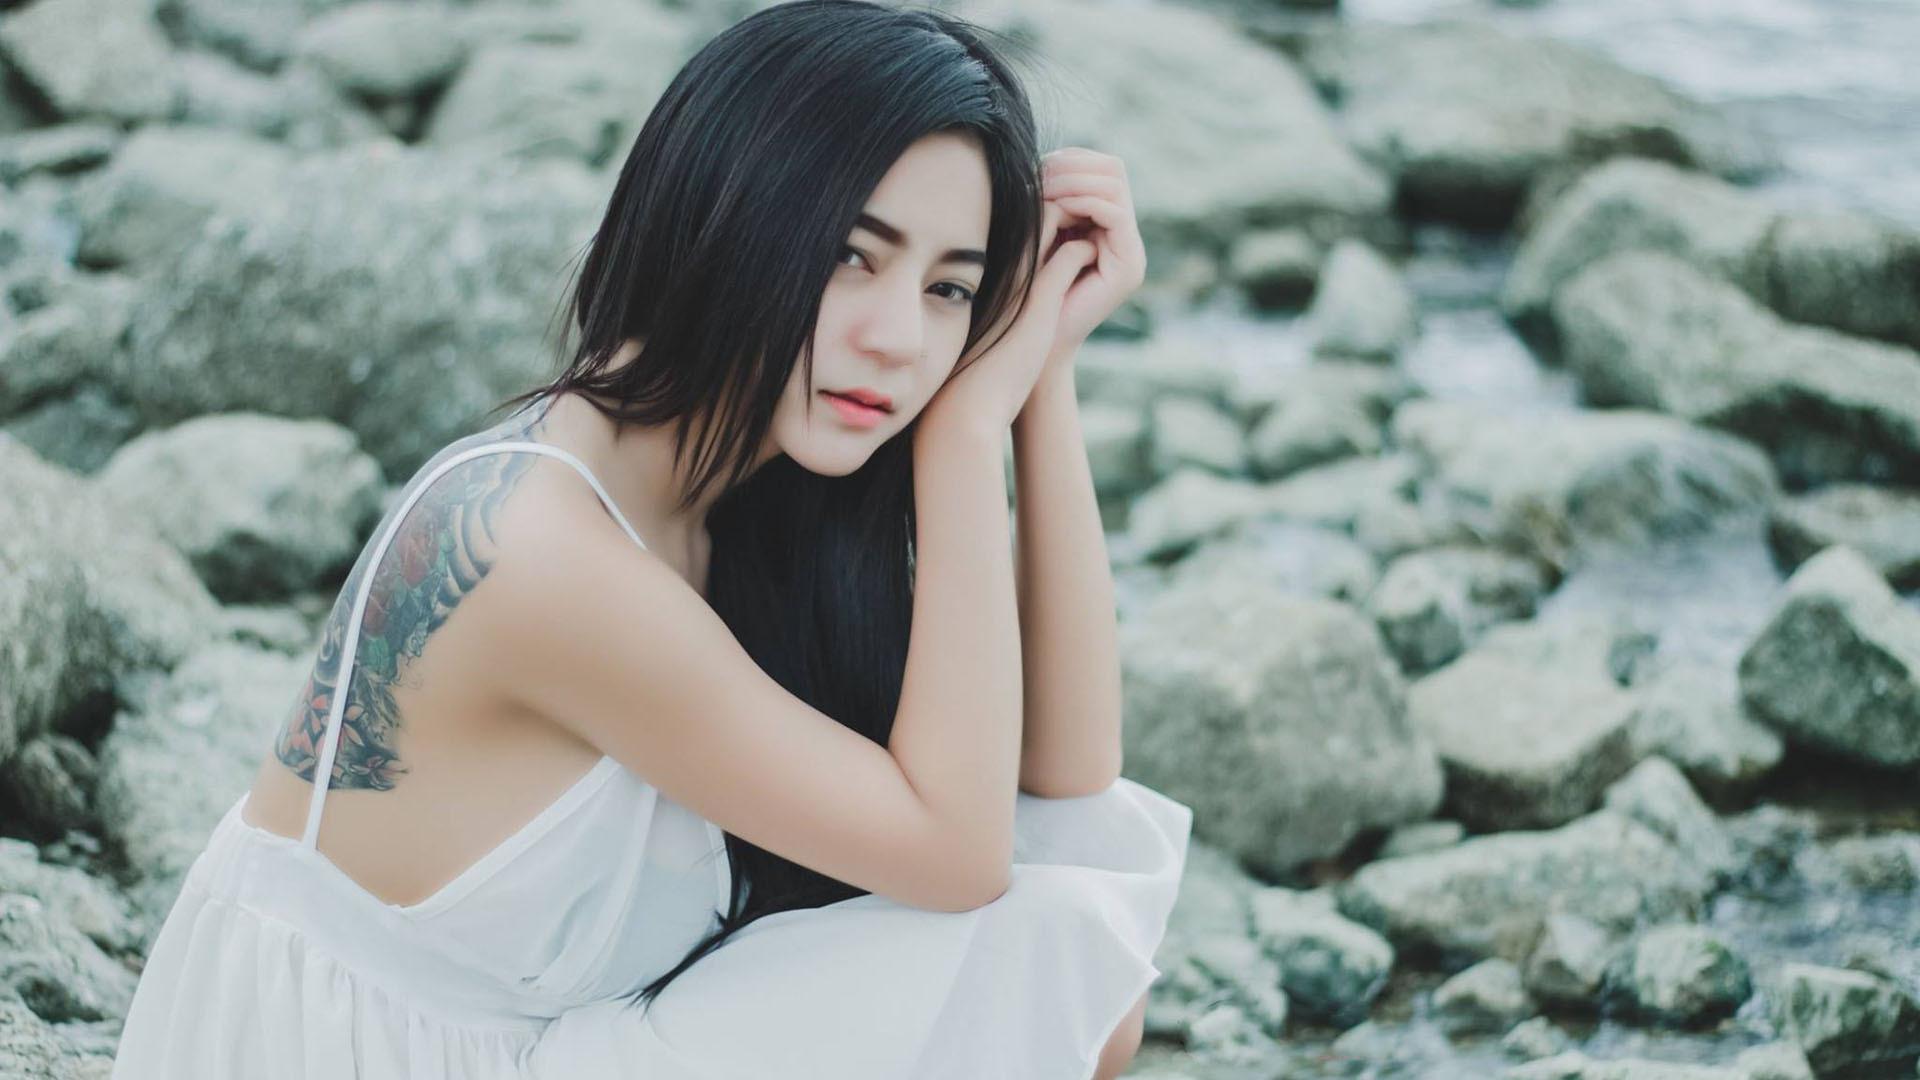 清泉电影网